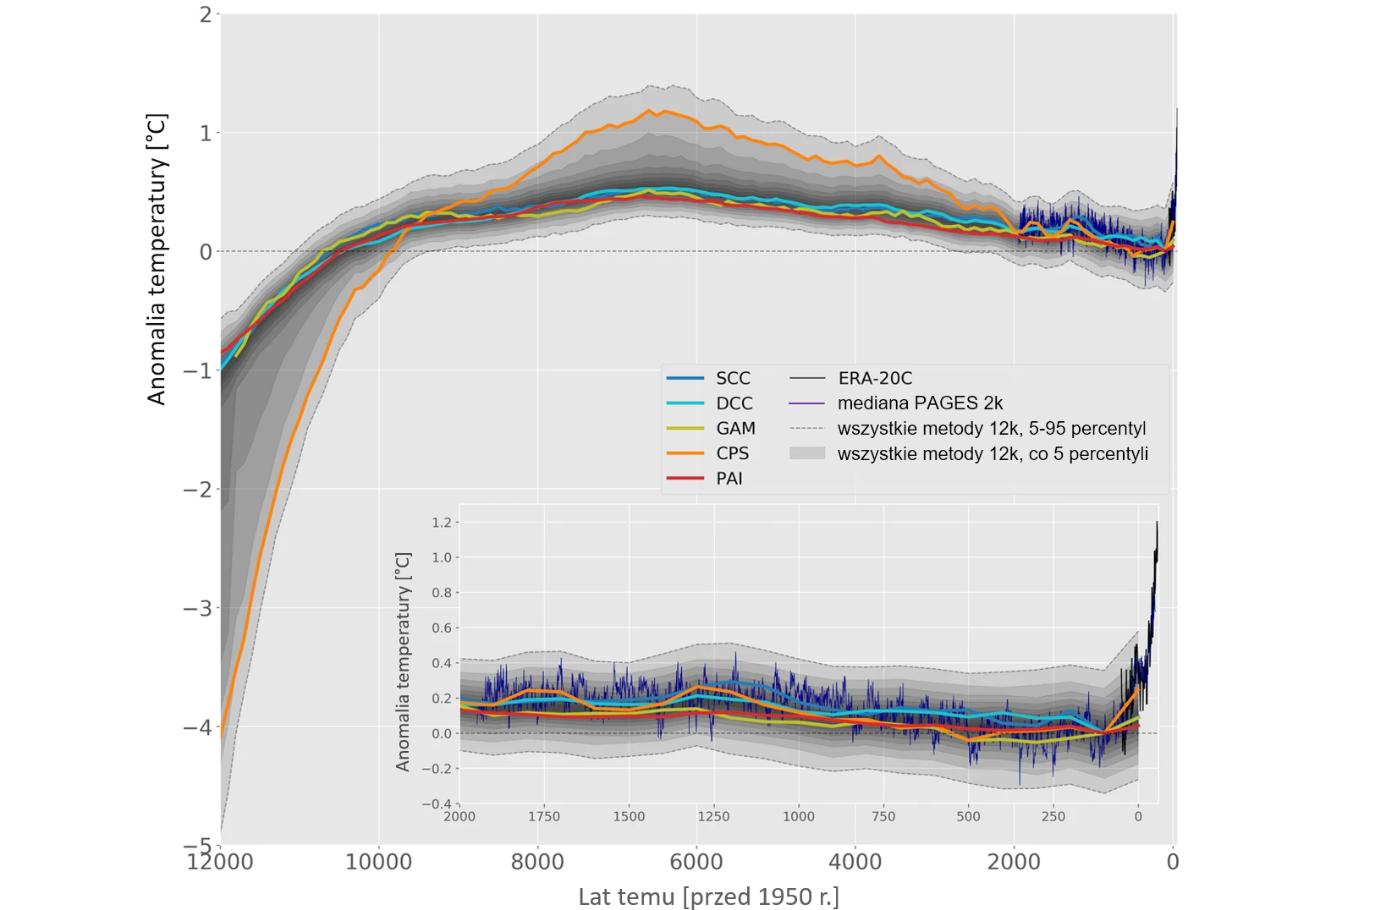 Wykres zmian anomalii temperatury w ostatnich 12 tysiącach lat. Rekonstrukcja pokazuje temperatury kilka tysięcy lat temu o ok. 0,5°C wyższe niż w epoce przedprzemysłowej, a ostatnio wyższe już o ponad 1°C